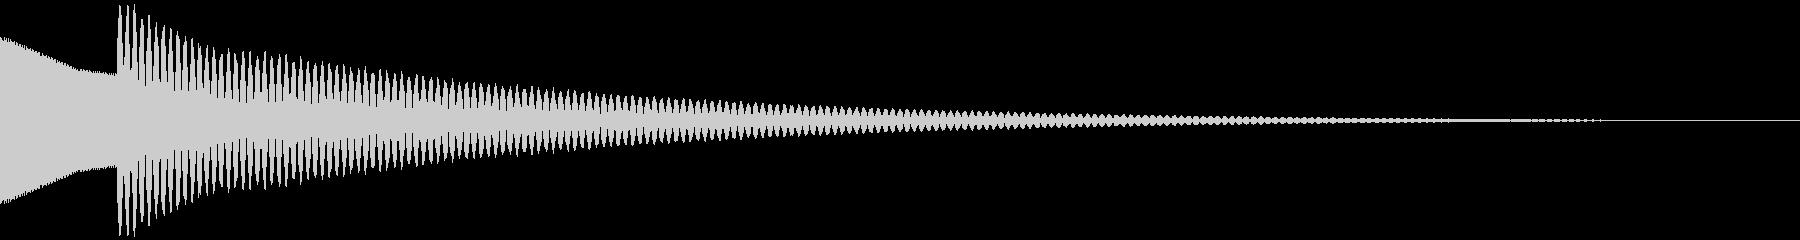 キラーン  (シンプル)の未再生の波形